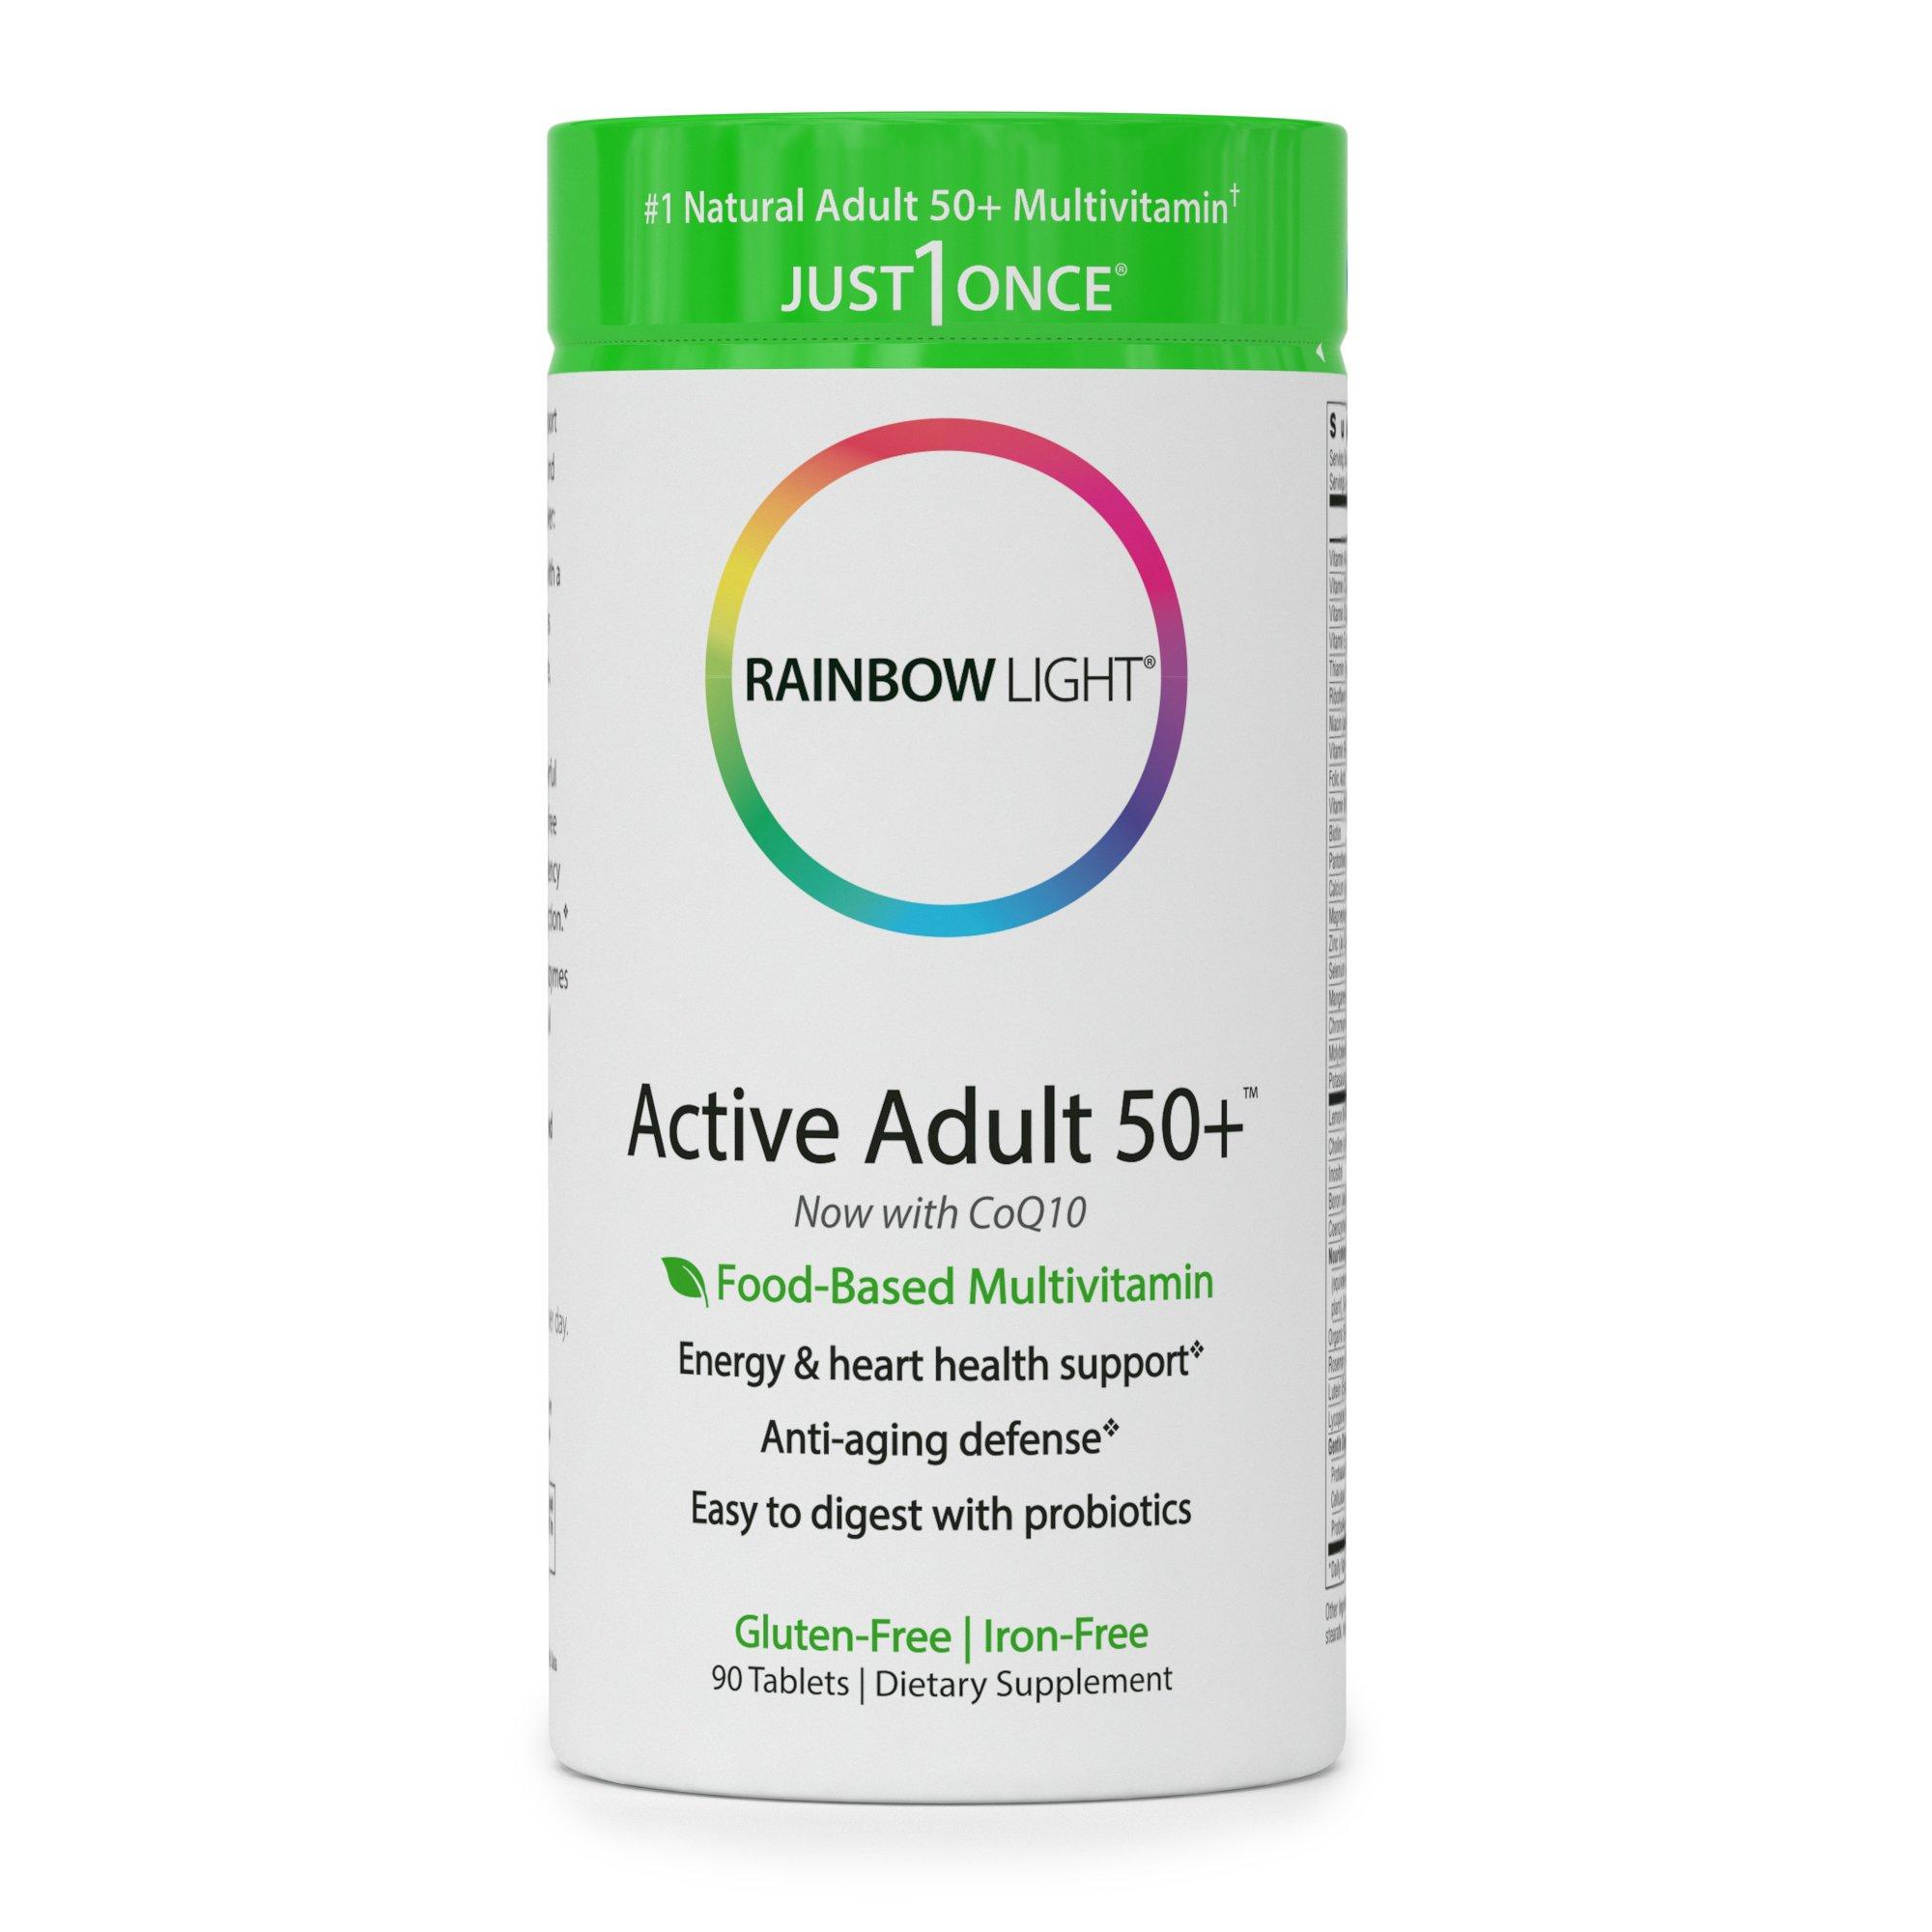 Rainbow Light Active Adult 50+ Multivitamin - 90 Tab